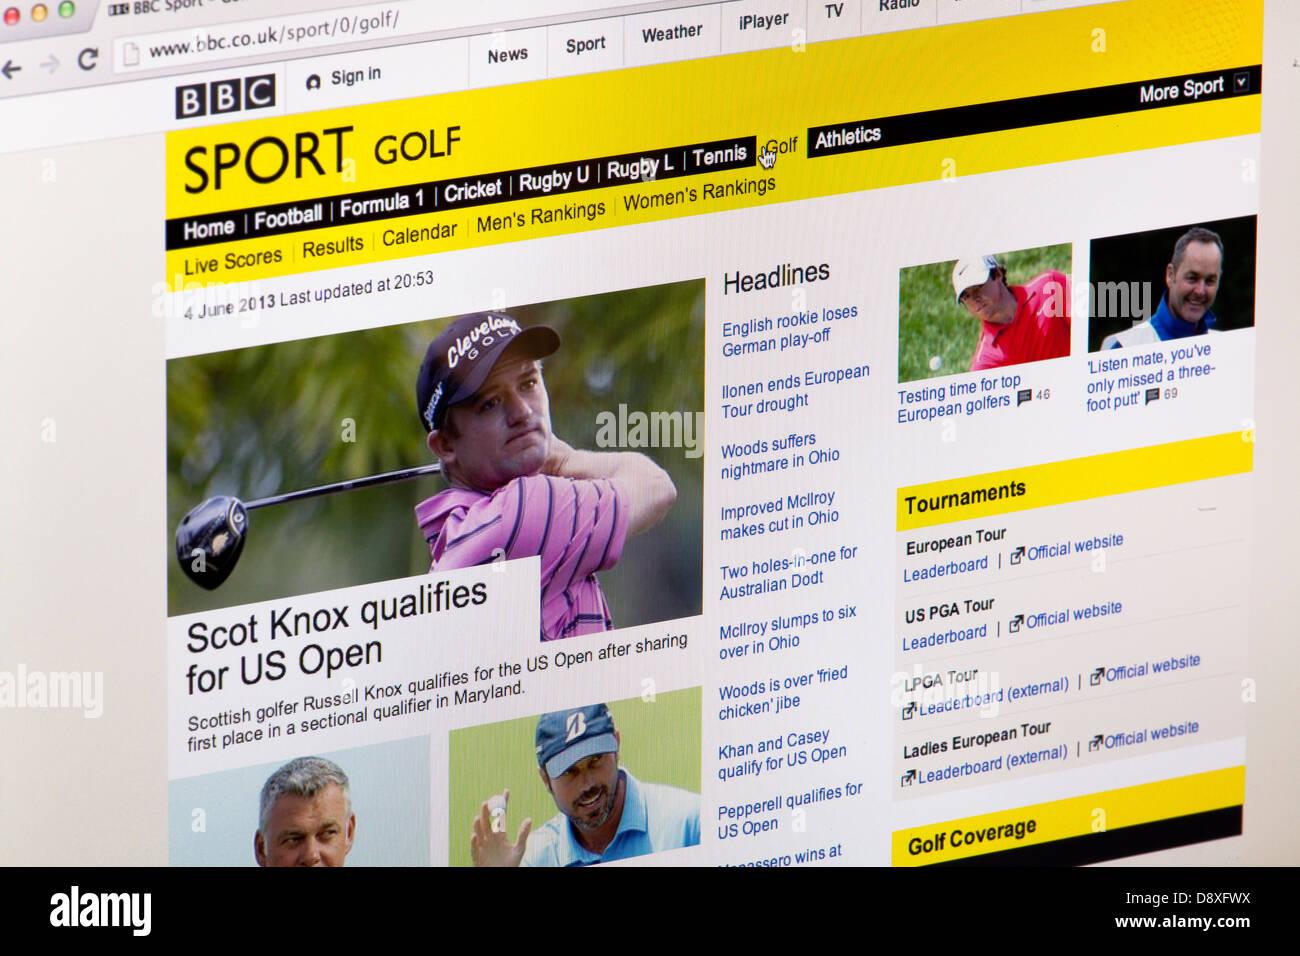 BBC Sport Golf Página de noticias del sitio Web o página web en una pantalla de ordenador portátil Imagen De Stock